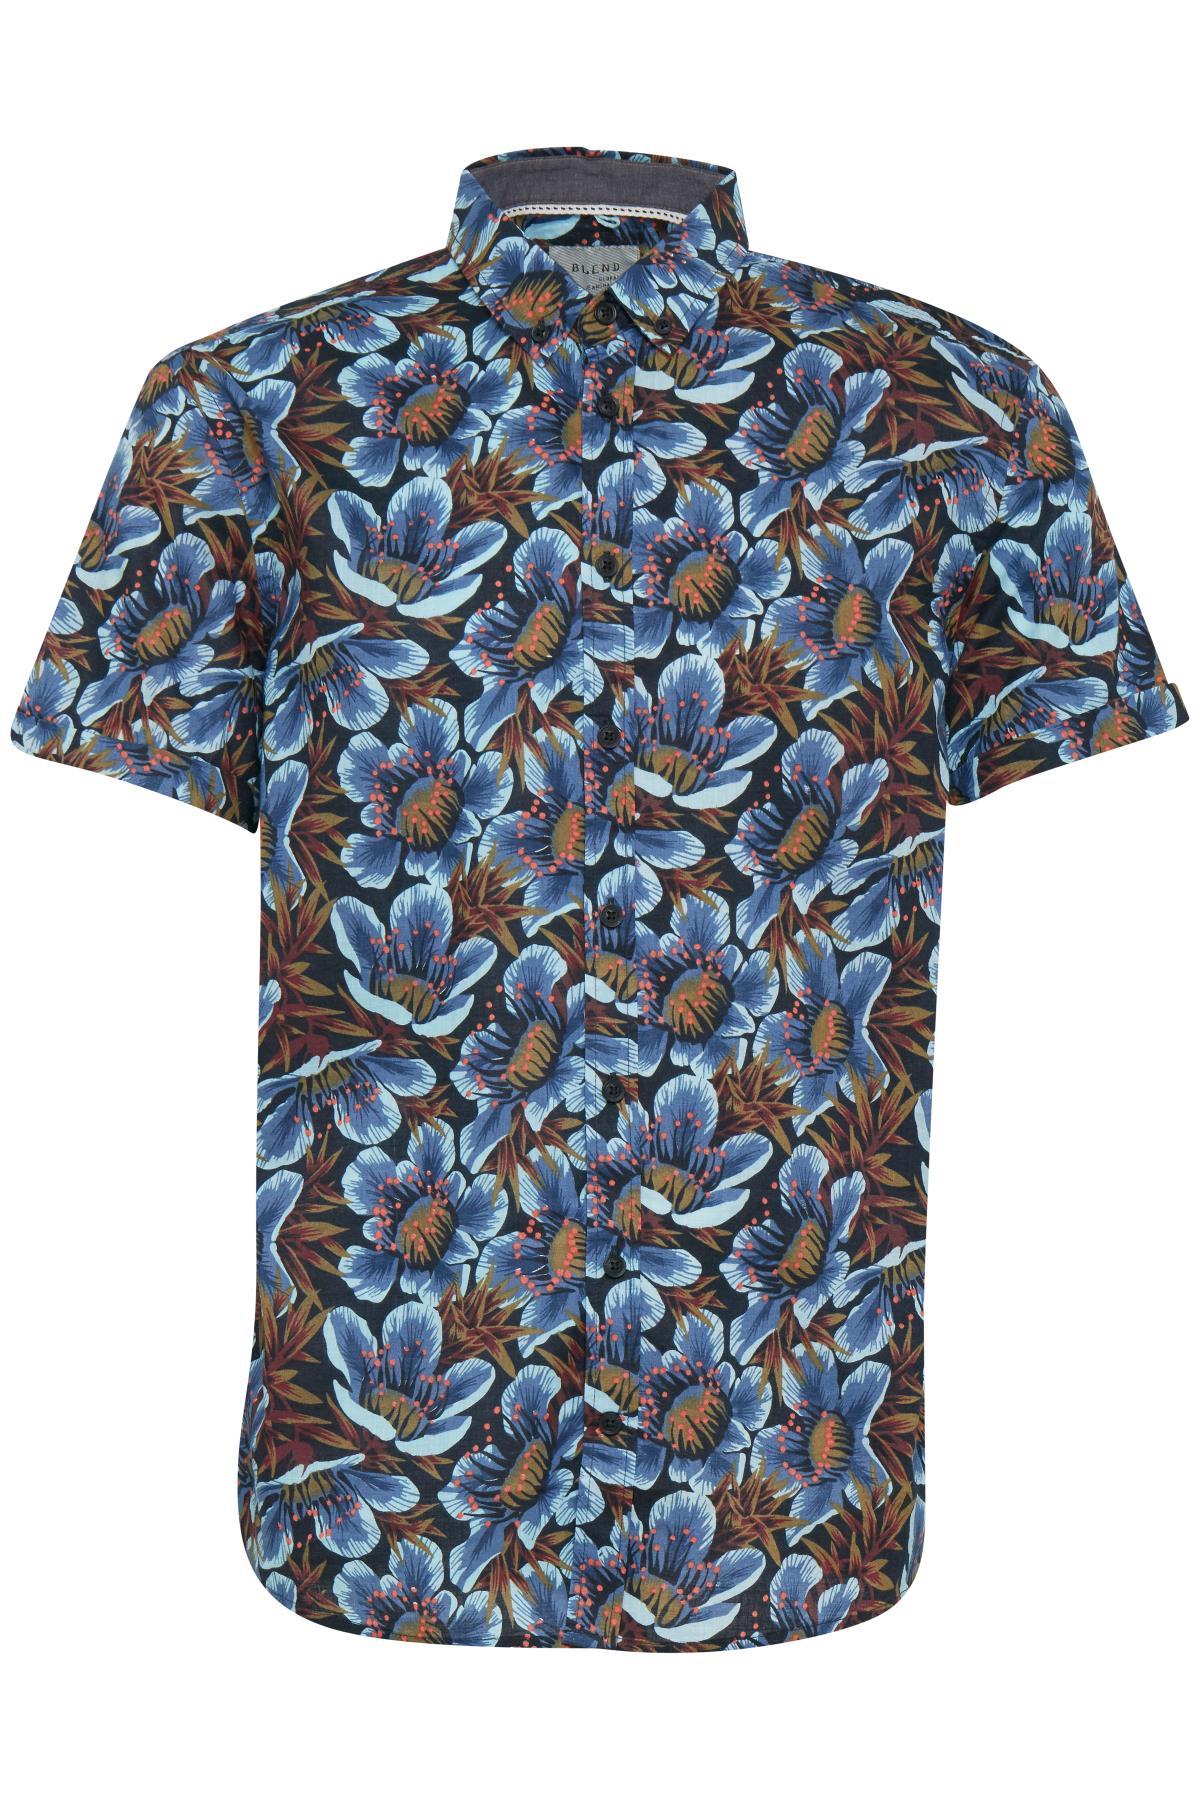 Turquoiseblauw